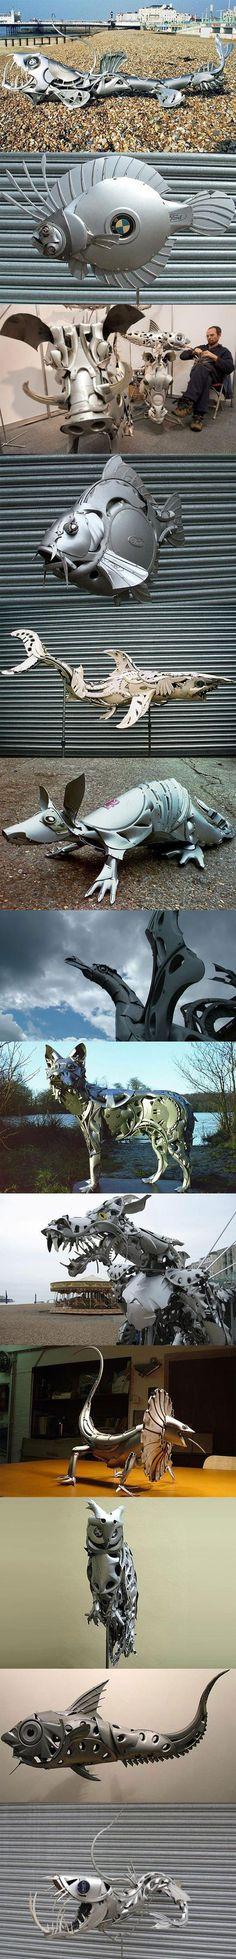 Hubcap sculptures. Sculptures by Ptolemy Elrington